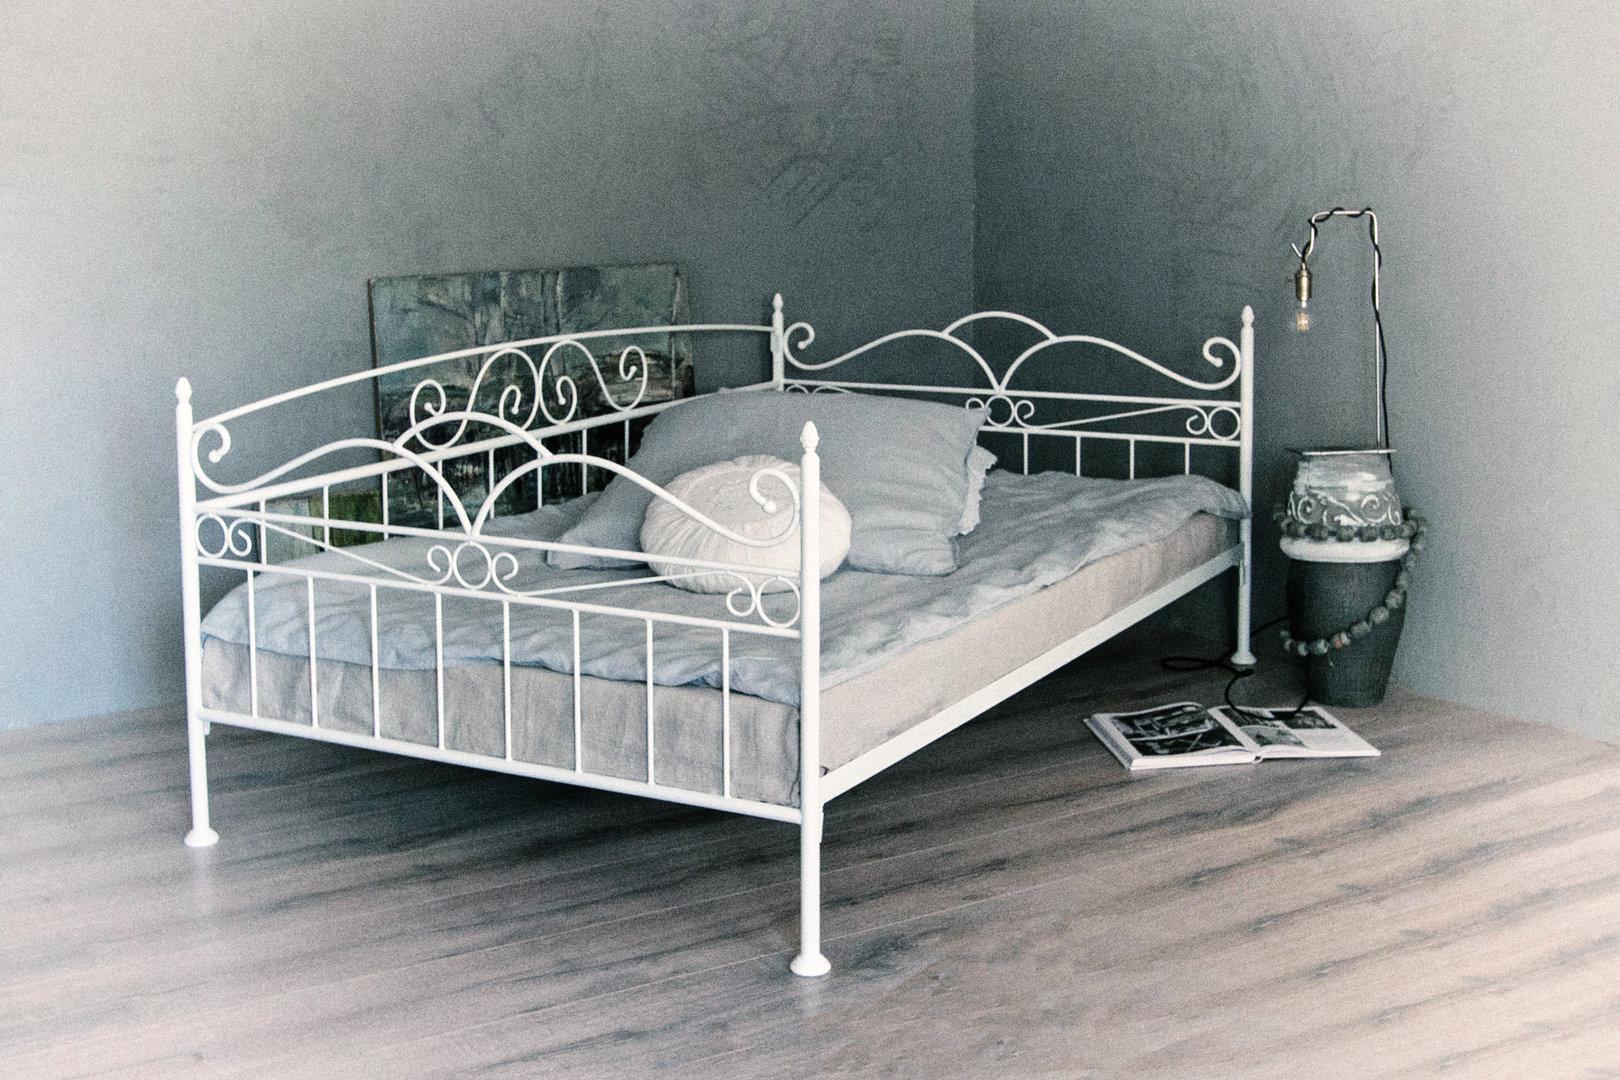 Full Size of Bett 90x200 Weiß 160x200 Komplett Leander Mit Gepolstertem Kopfteil 180x200 Bettkasten Modernes 220 X 200 Luxus Betten Einzelbett 120x200 140x200 Regale Runde Bett Bett 90x200 Weiß